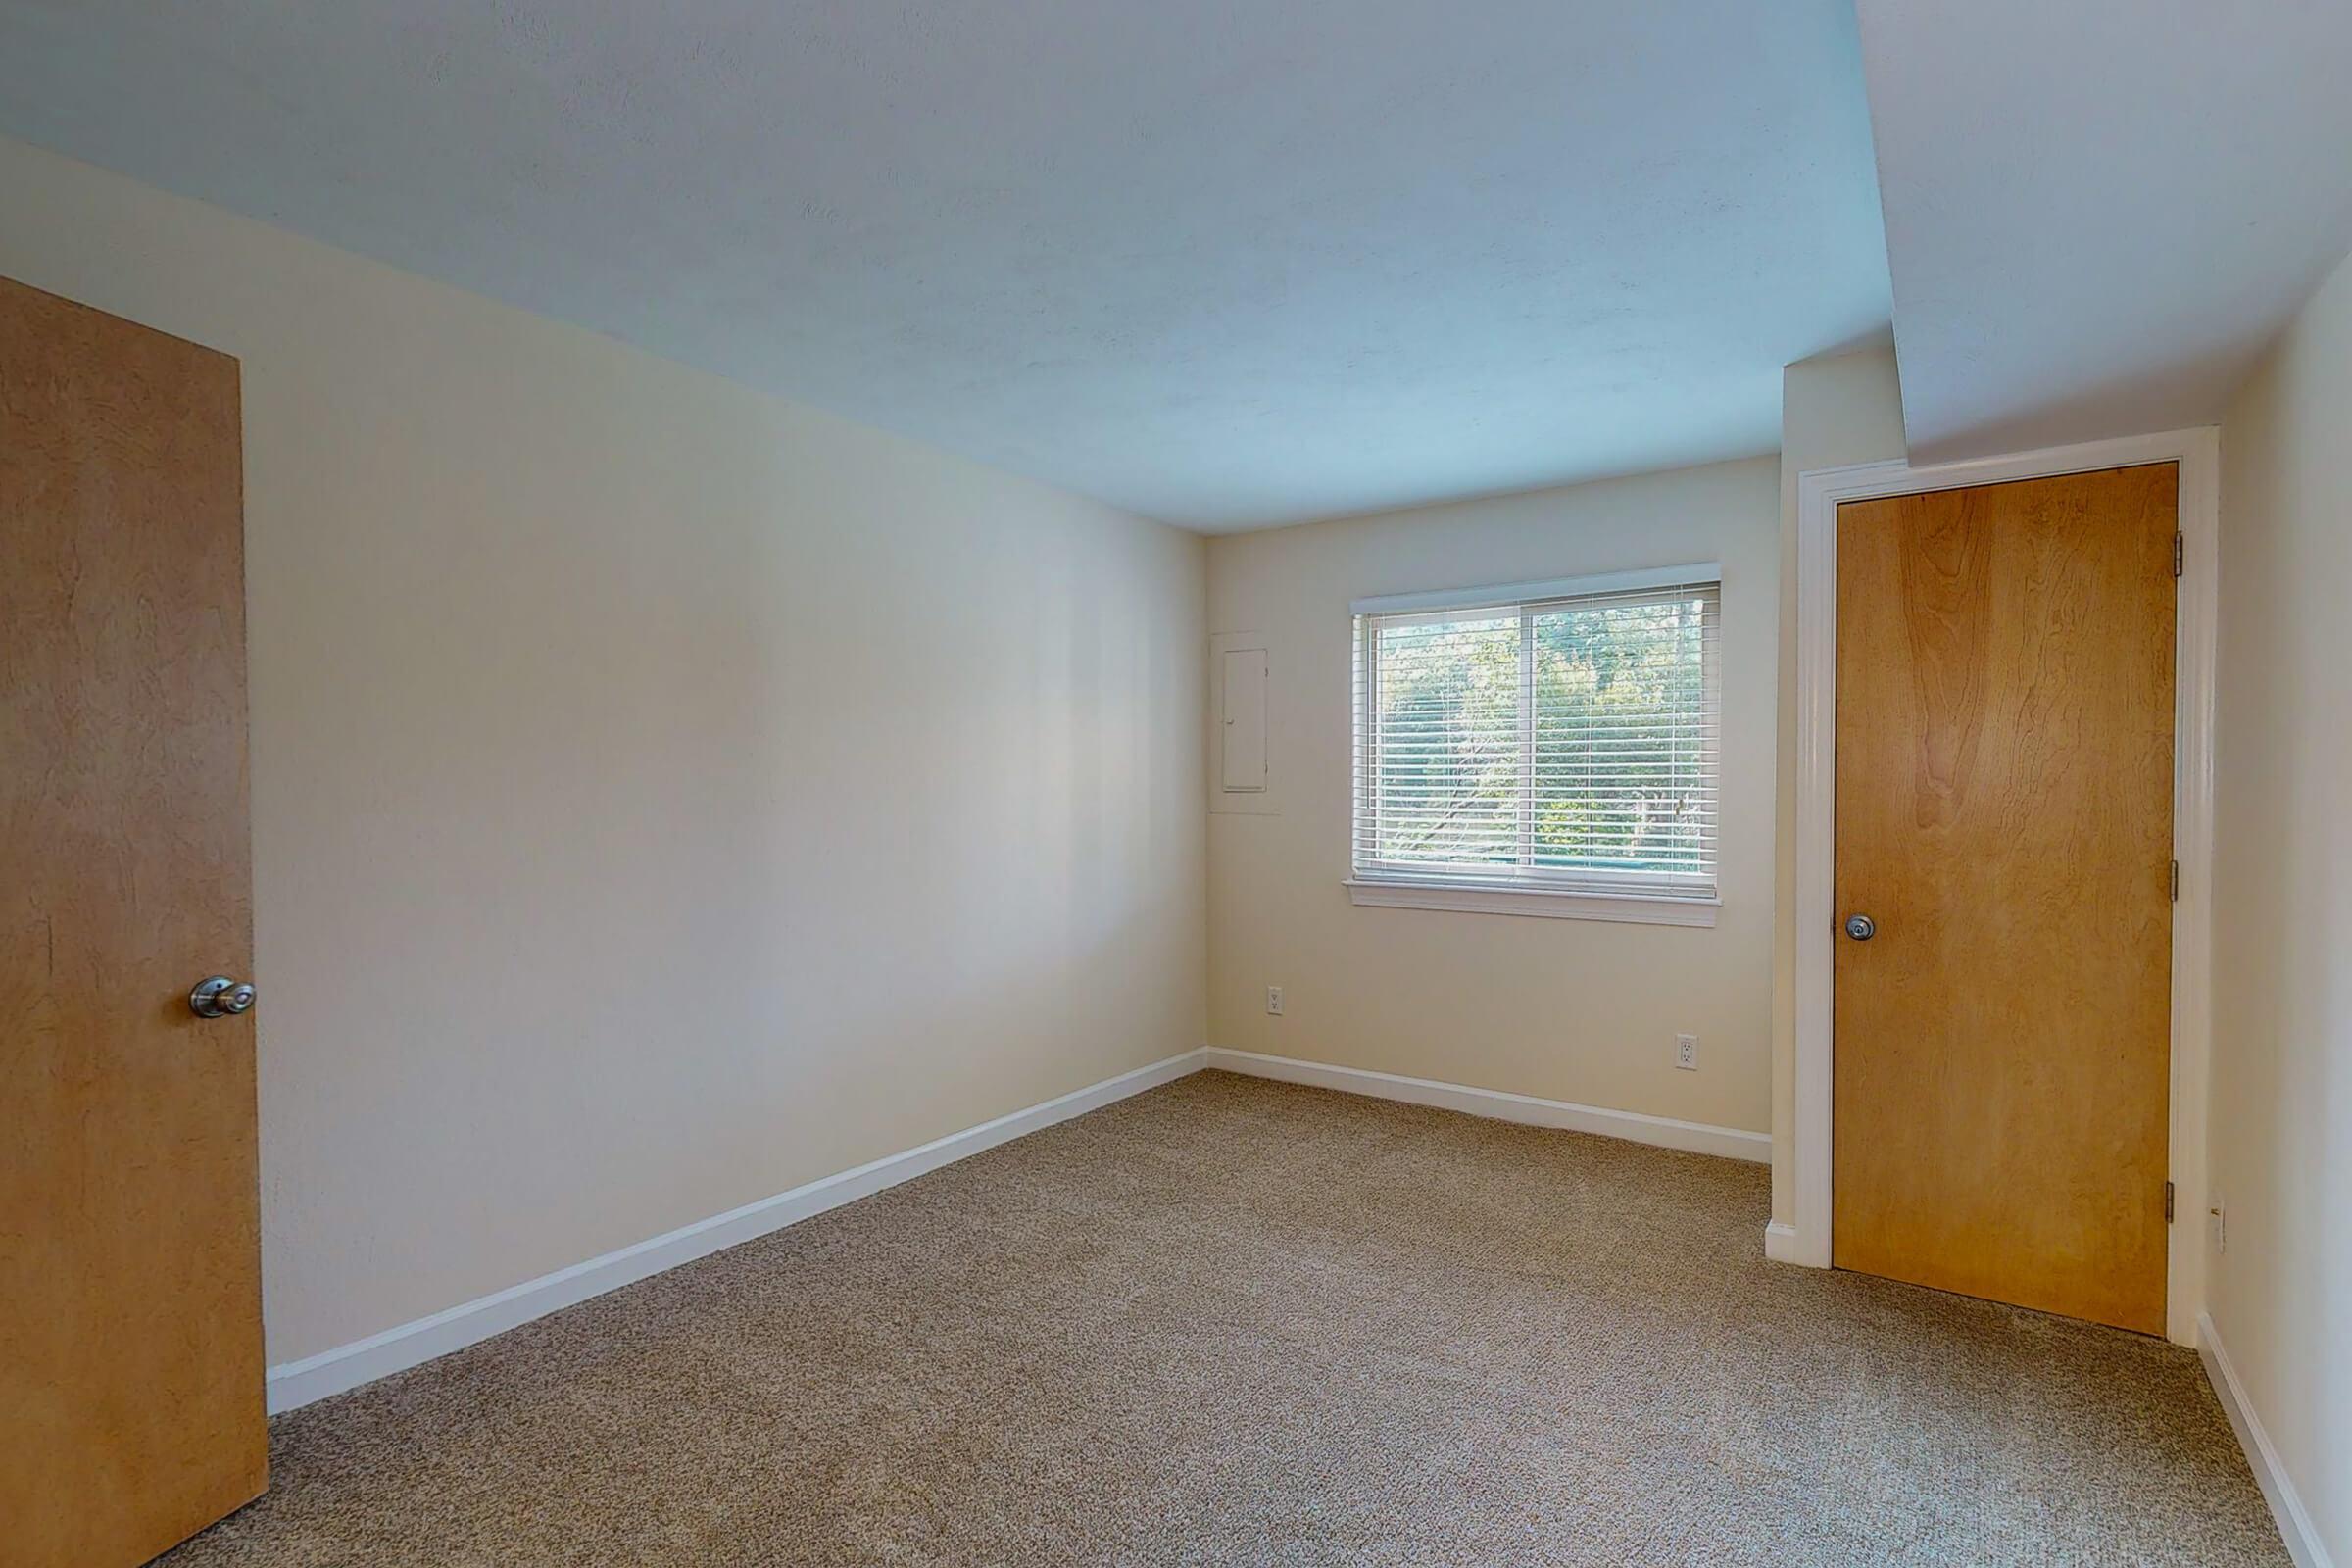 a door in a small room